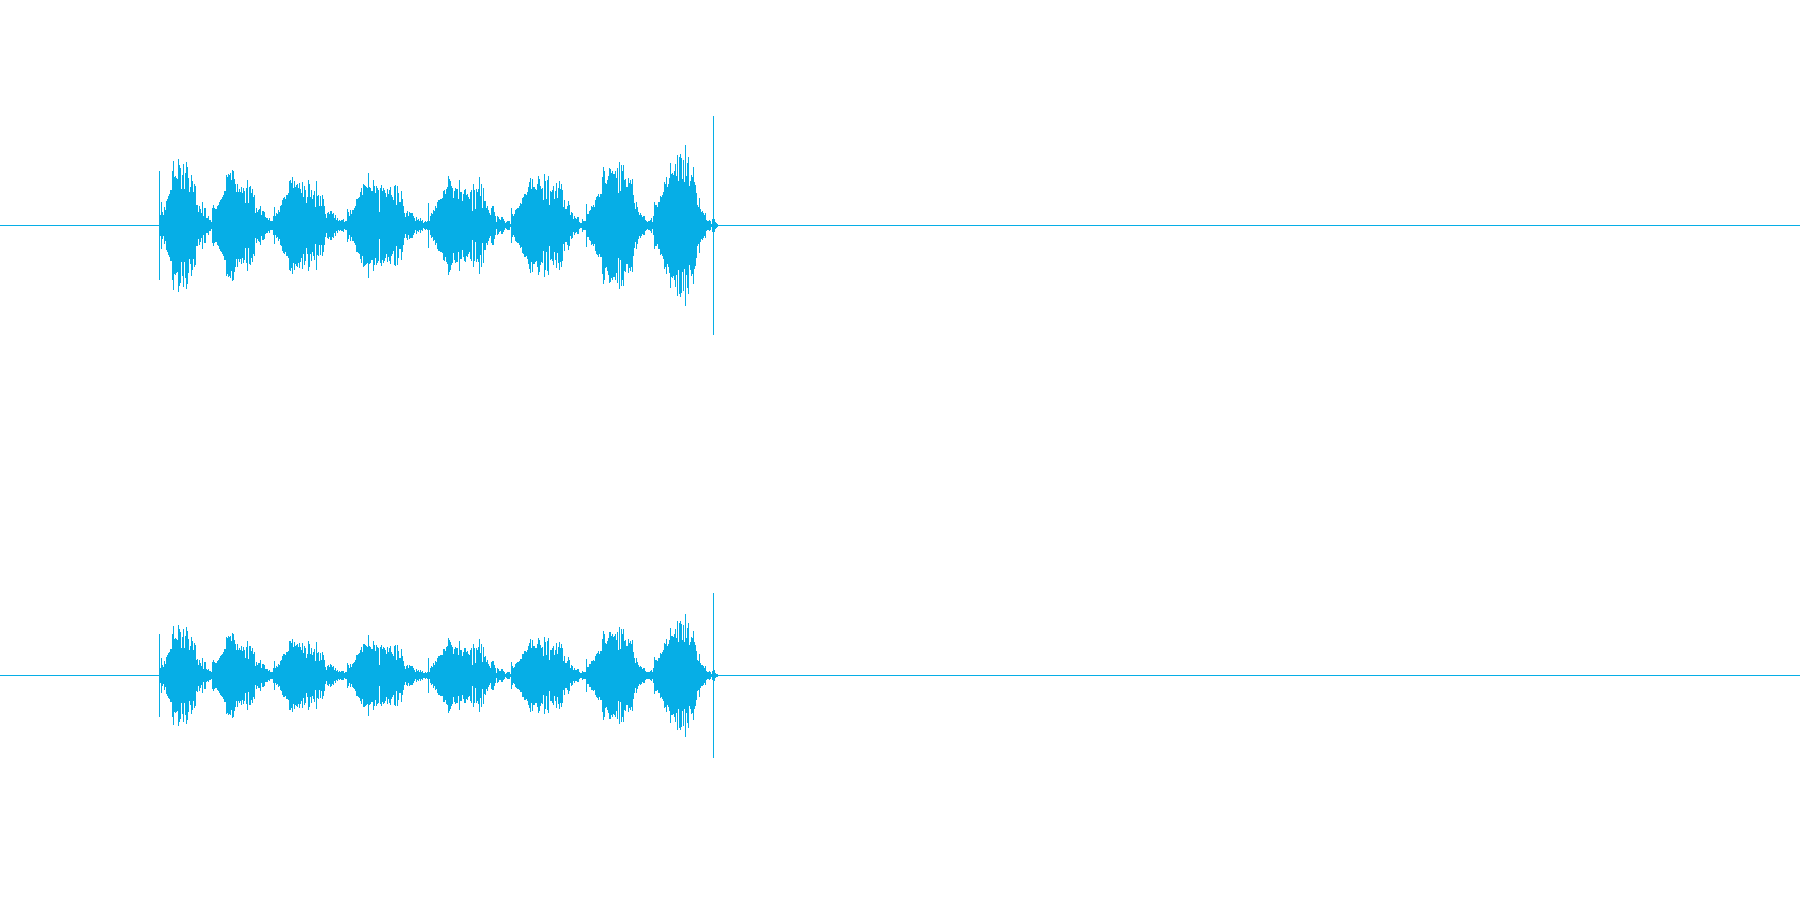 鳥、猿、かわいいモンスターの鳴き声の再生済みの波形